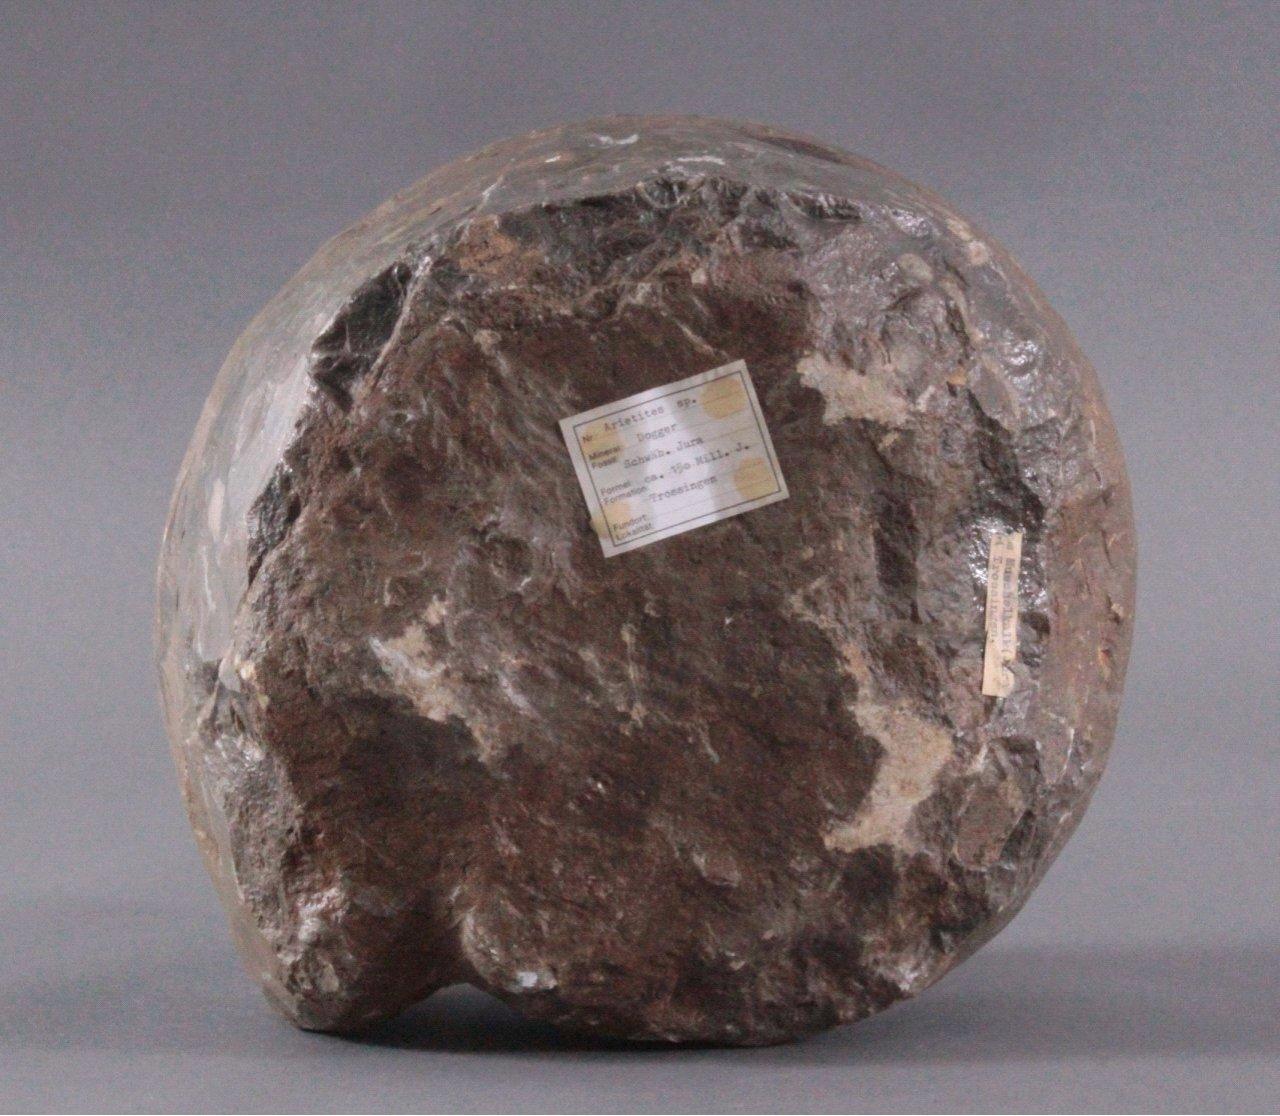 Sehr großer Ammonit, Durchmesser 33 cm, Museal, Arietites-3